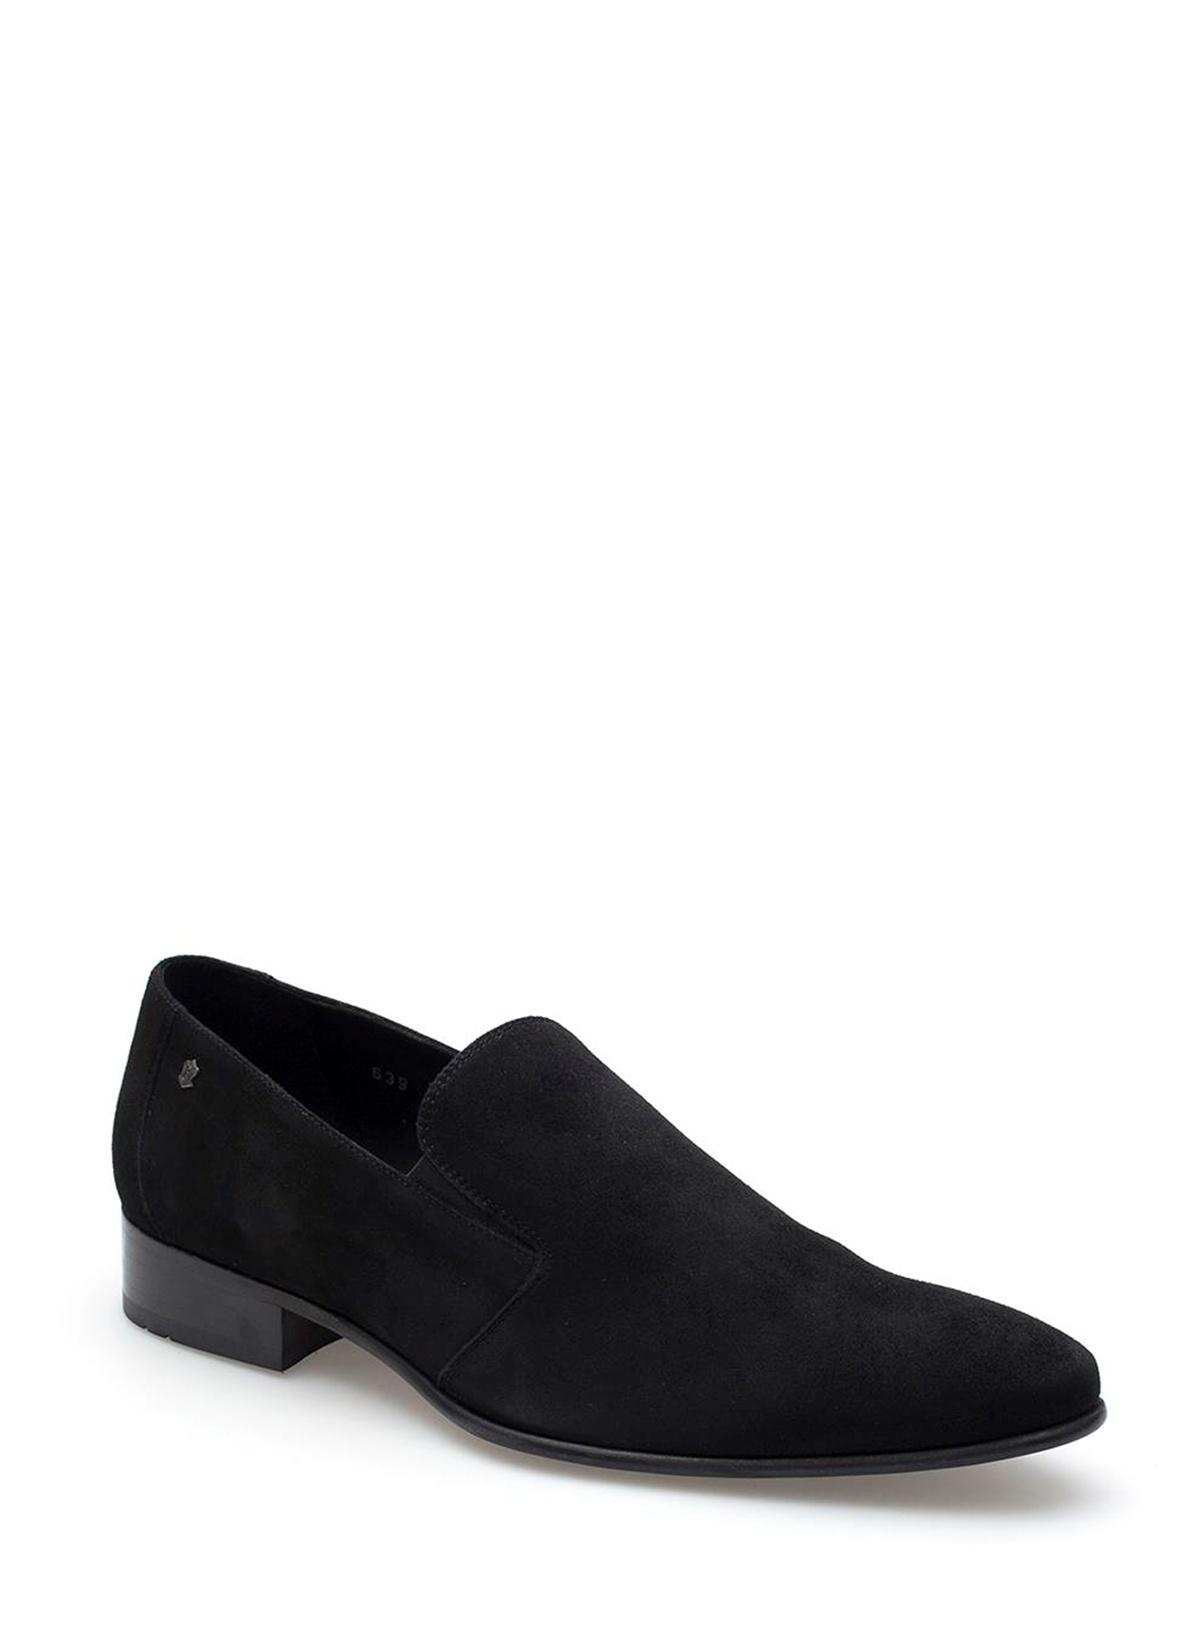 PEDRO CAMINO Erkek Klasik Ayakkabı 73022 Siyah